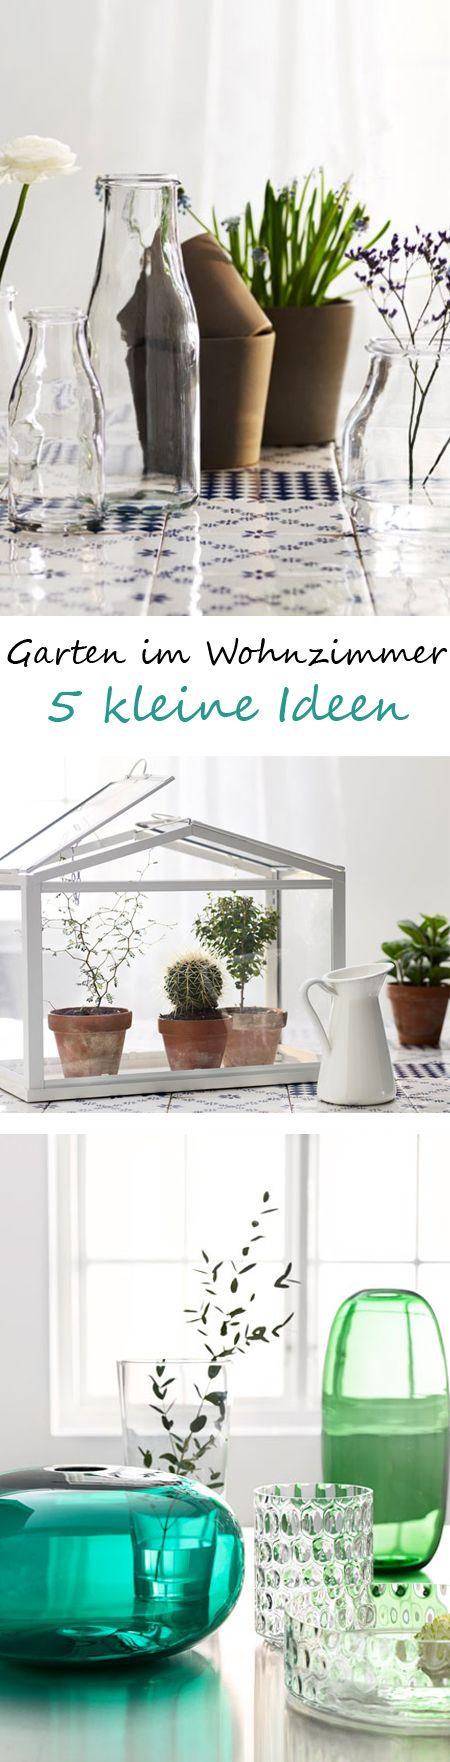 kleines baumkrone wohnzimmer sammlung abbild oder bfbeedcccd indoor gardening